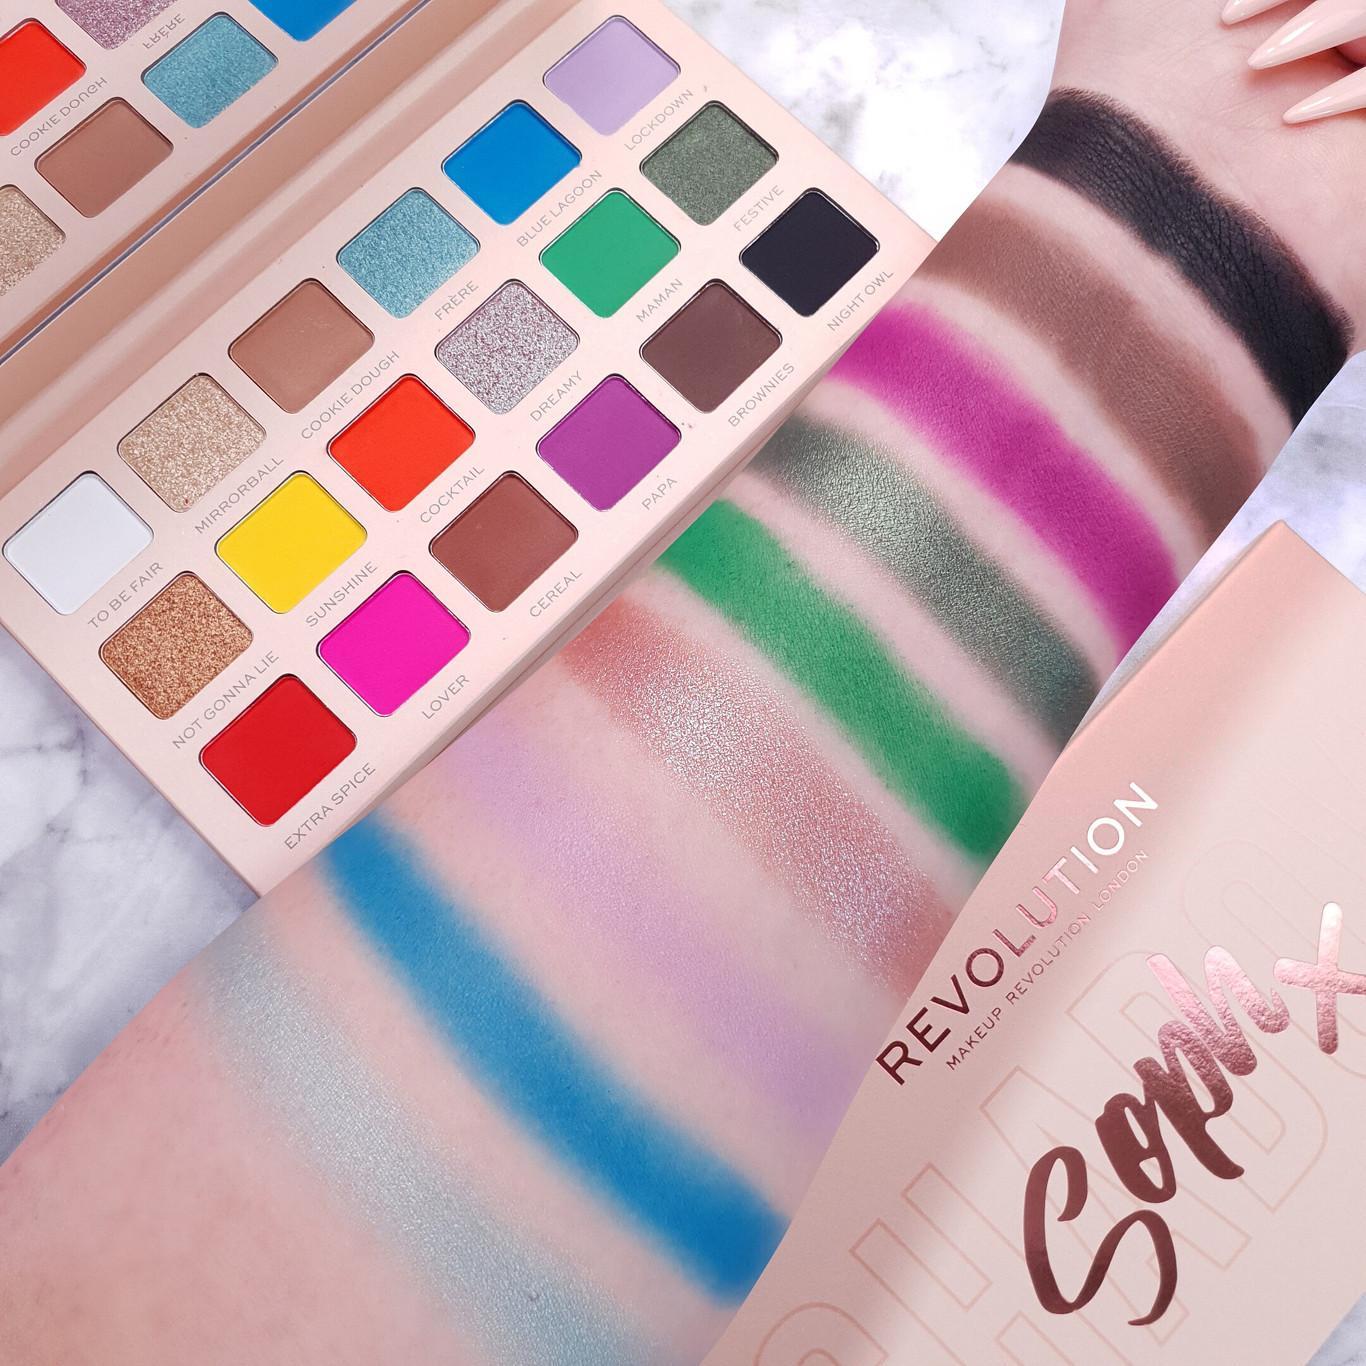 Revolution x Soph Collection Round 3 Super Spice Eyeshadow Palette Arm Swatch Light